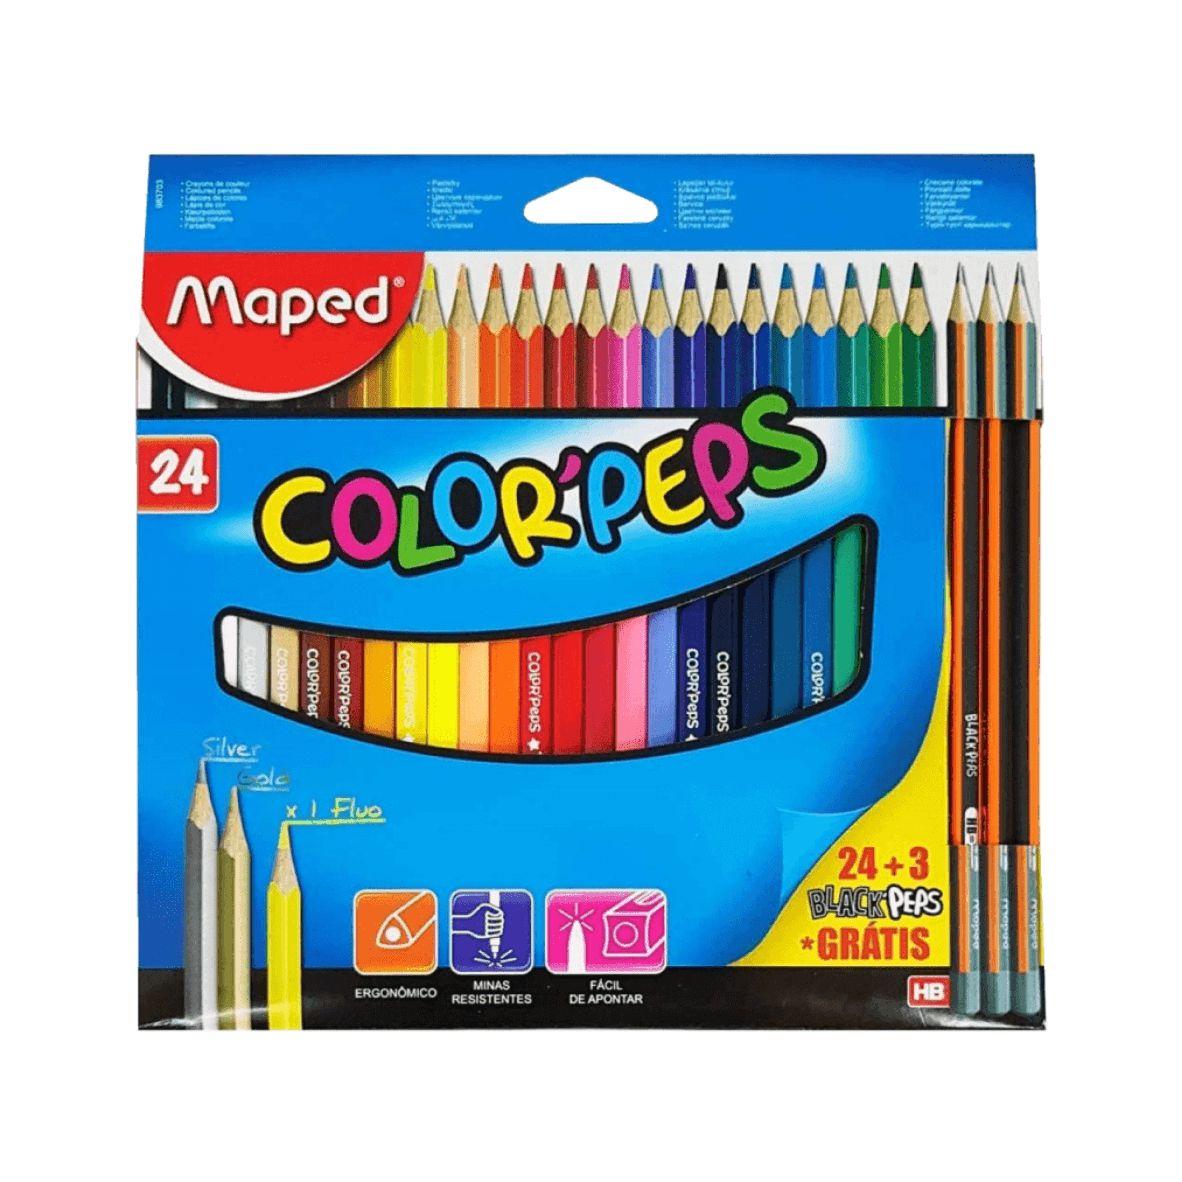 Conjunto Color'Peps 24 cores + 3 Lápis Pretos Grátis - Maped